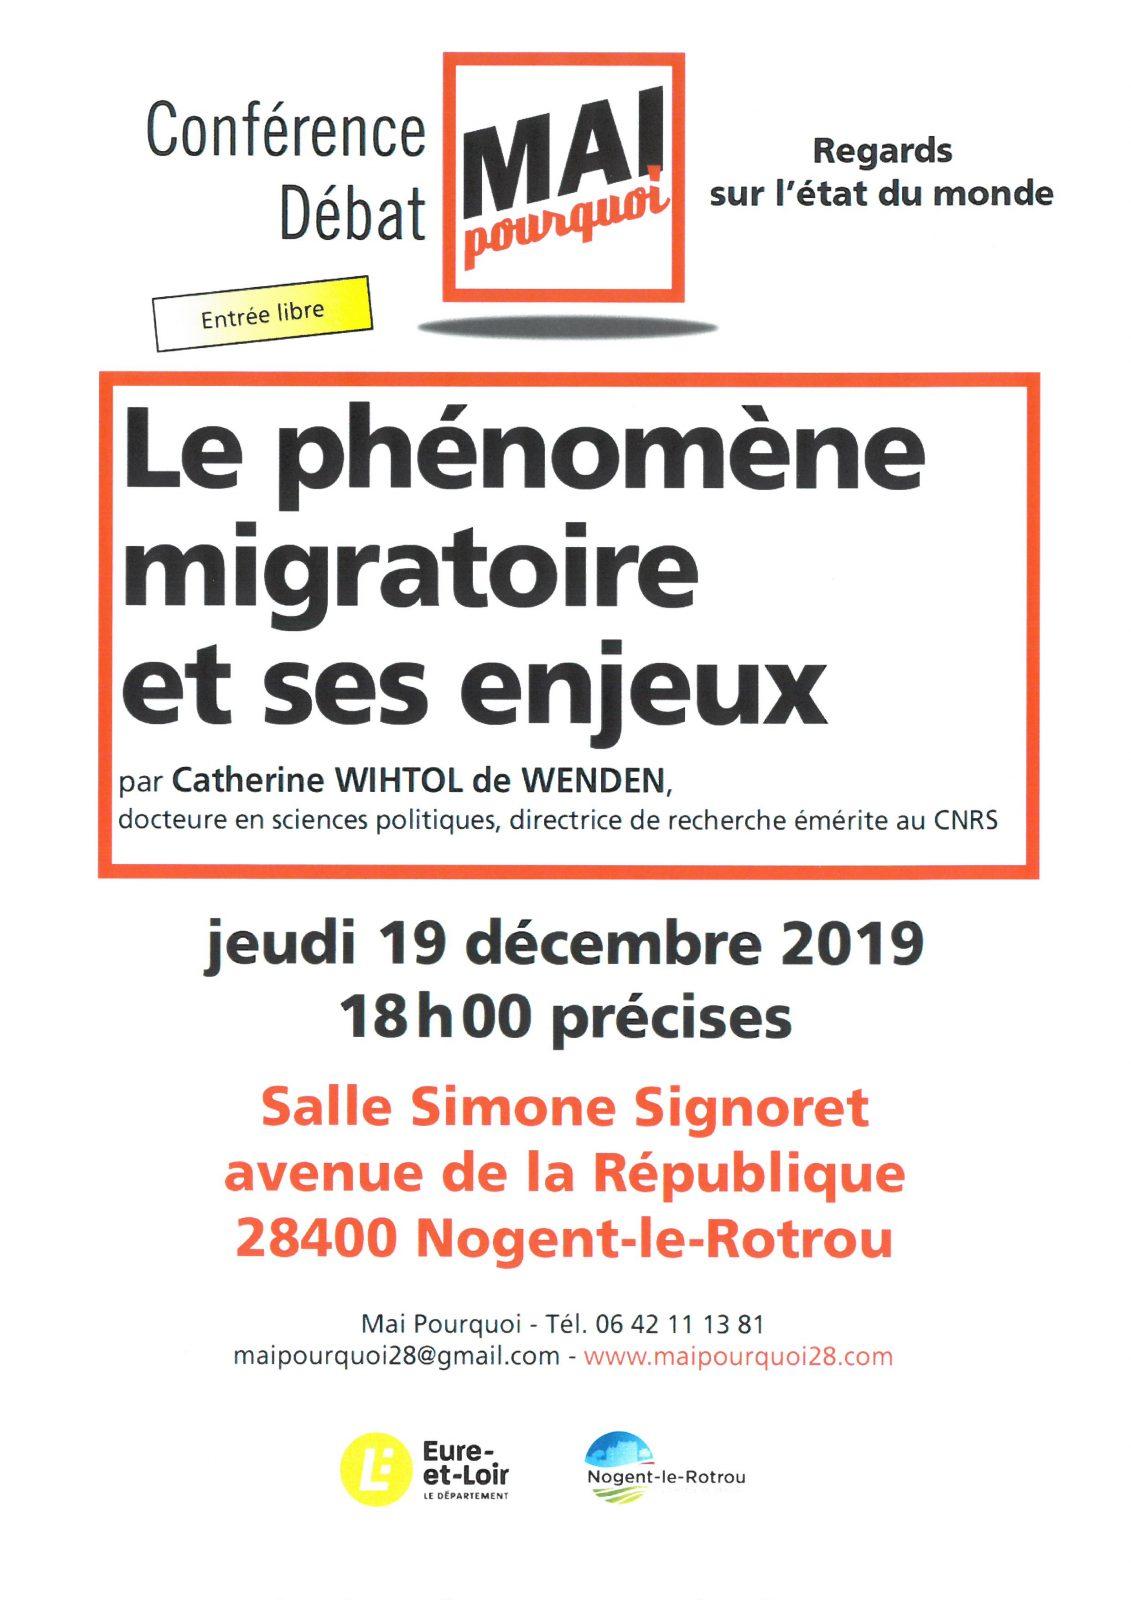 Conférence sur le phénomène migratoire et ses enjeux à NOGENT-LE-ROTROU © Mai Pourquoi